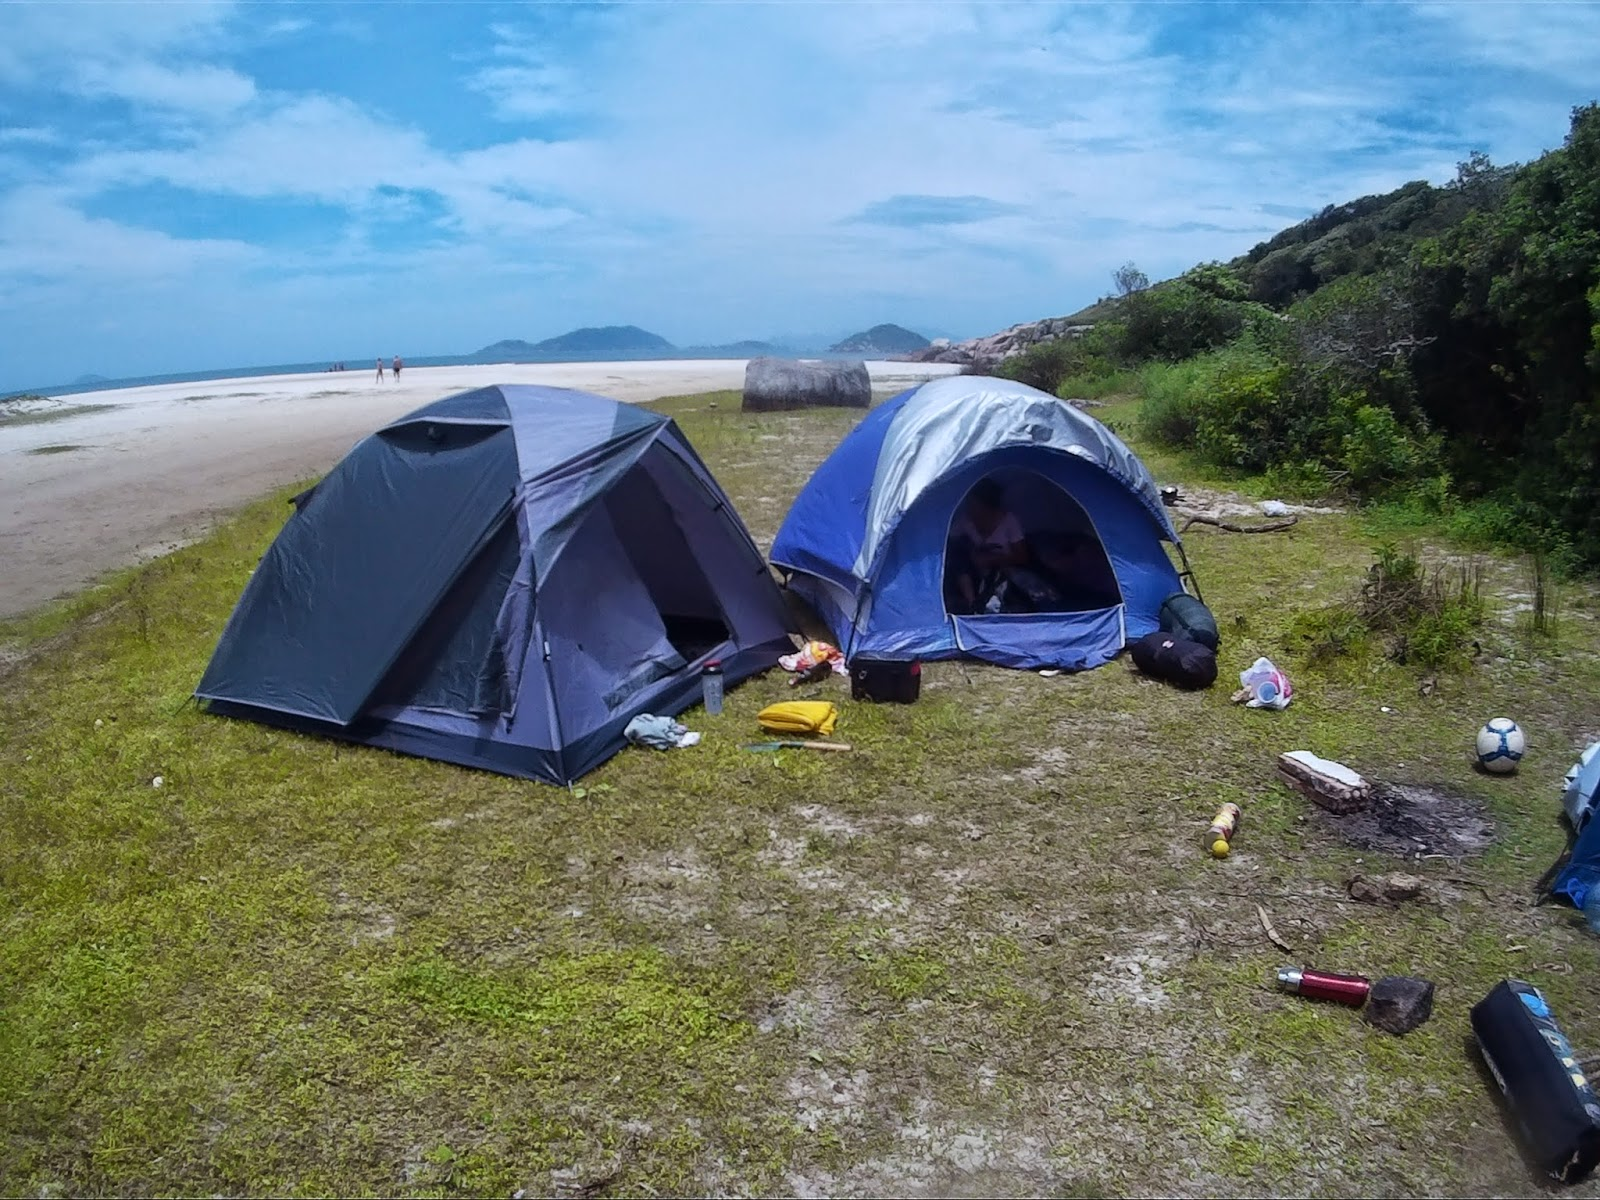 Acampamento na praia de Naufragados, Florianópolis